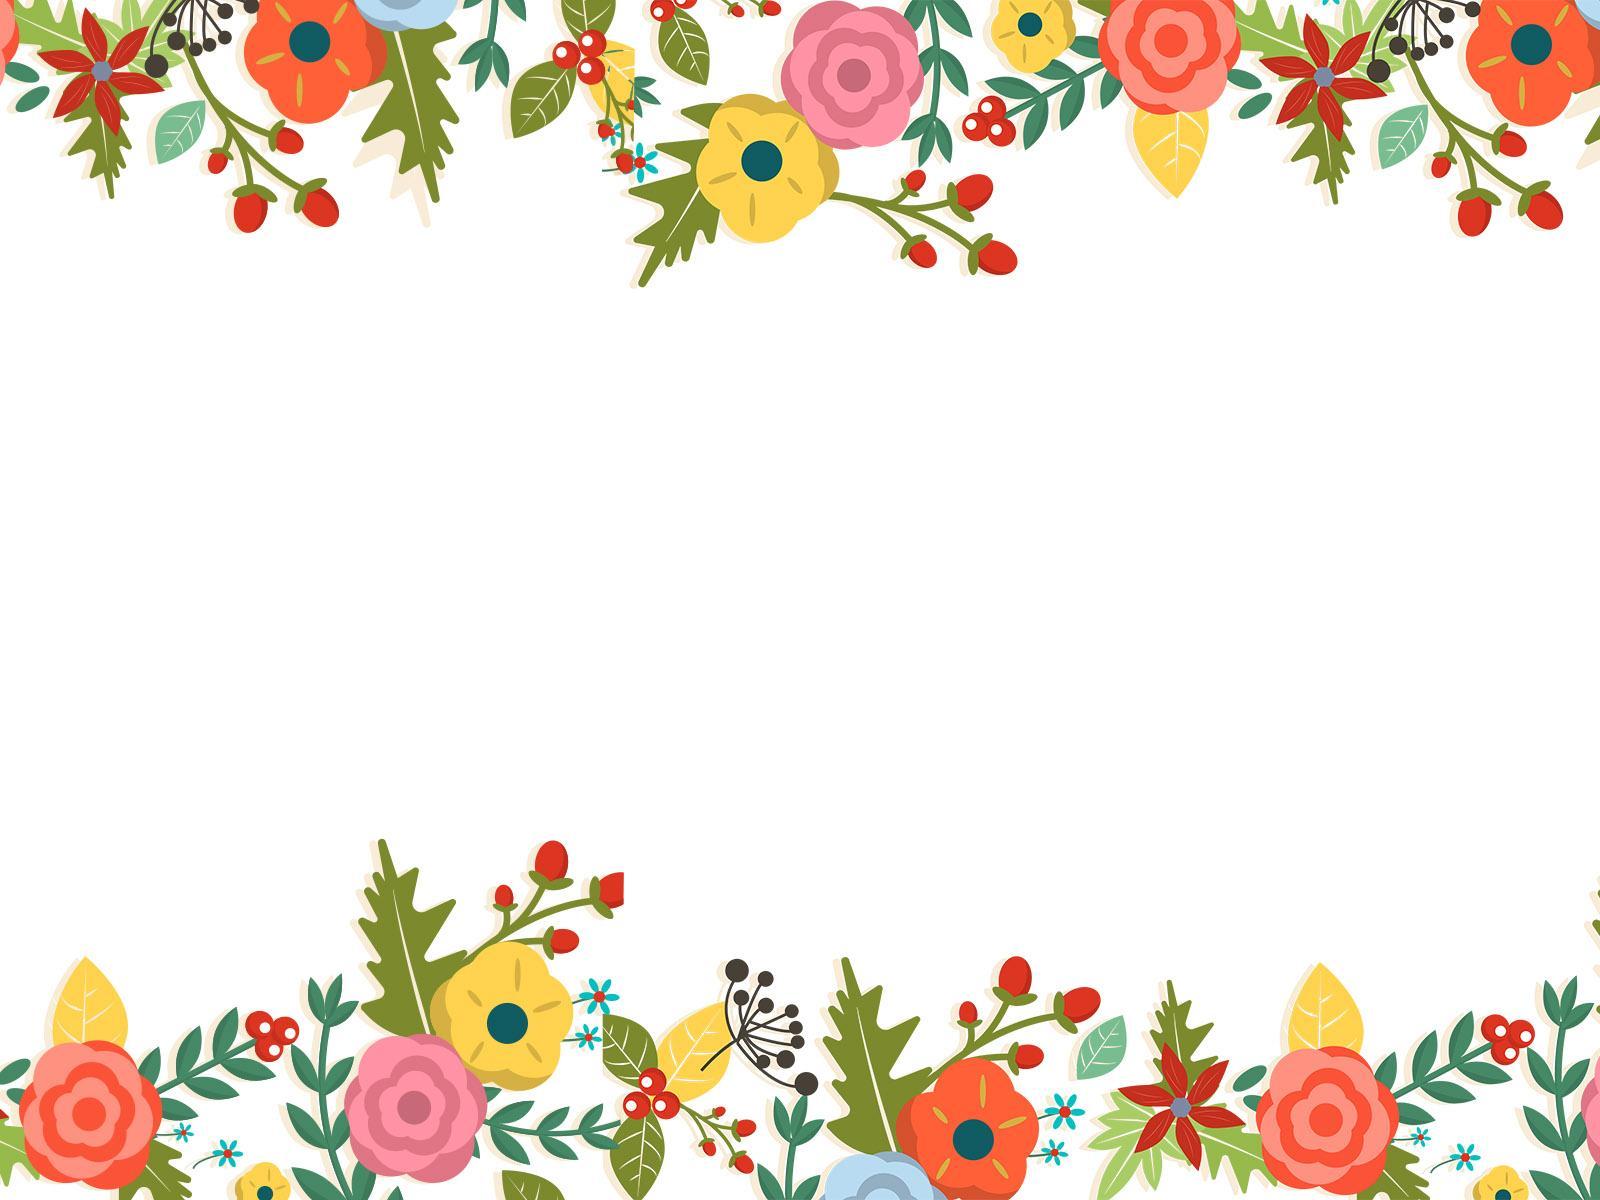 Floral Border Art PPT Backgrounds